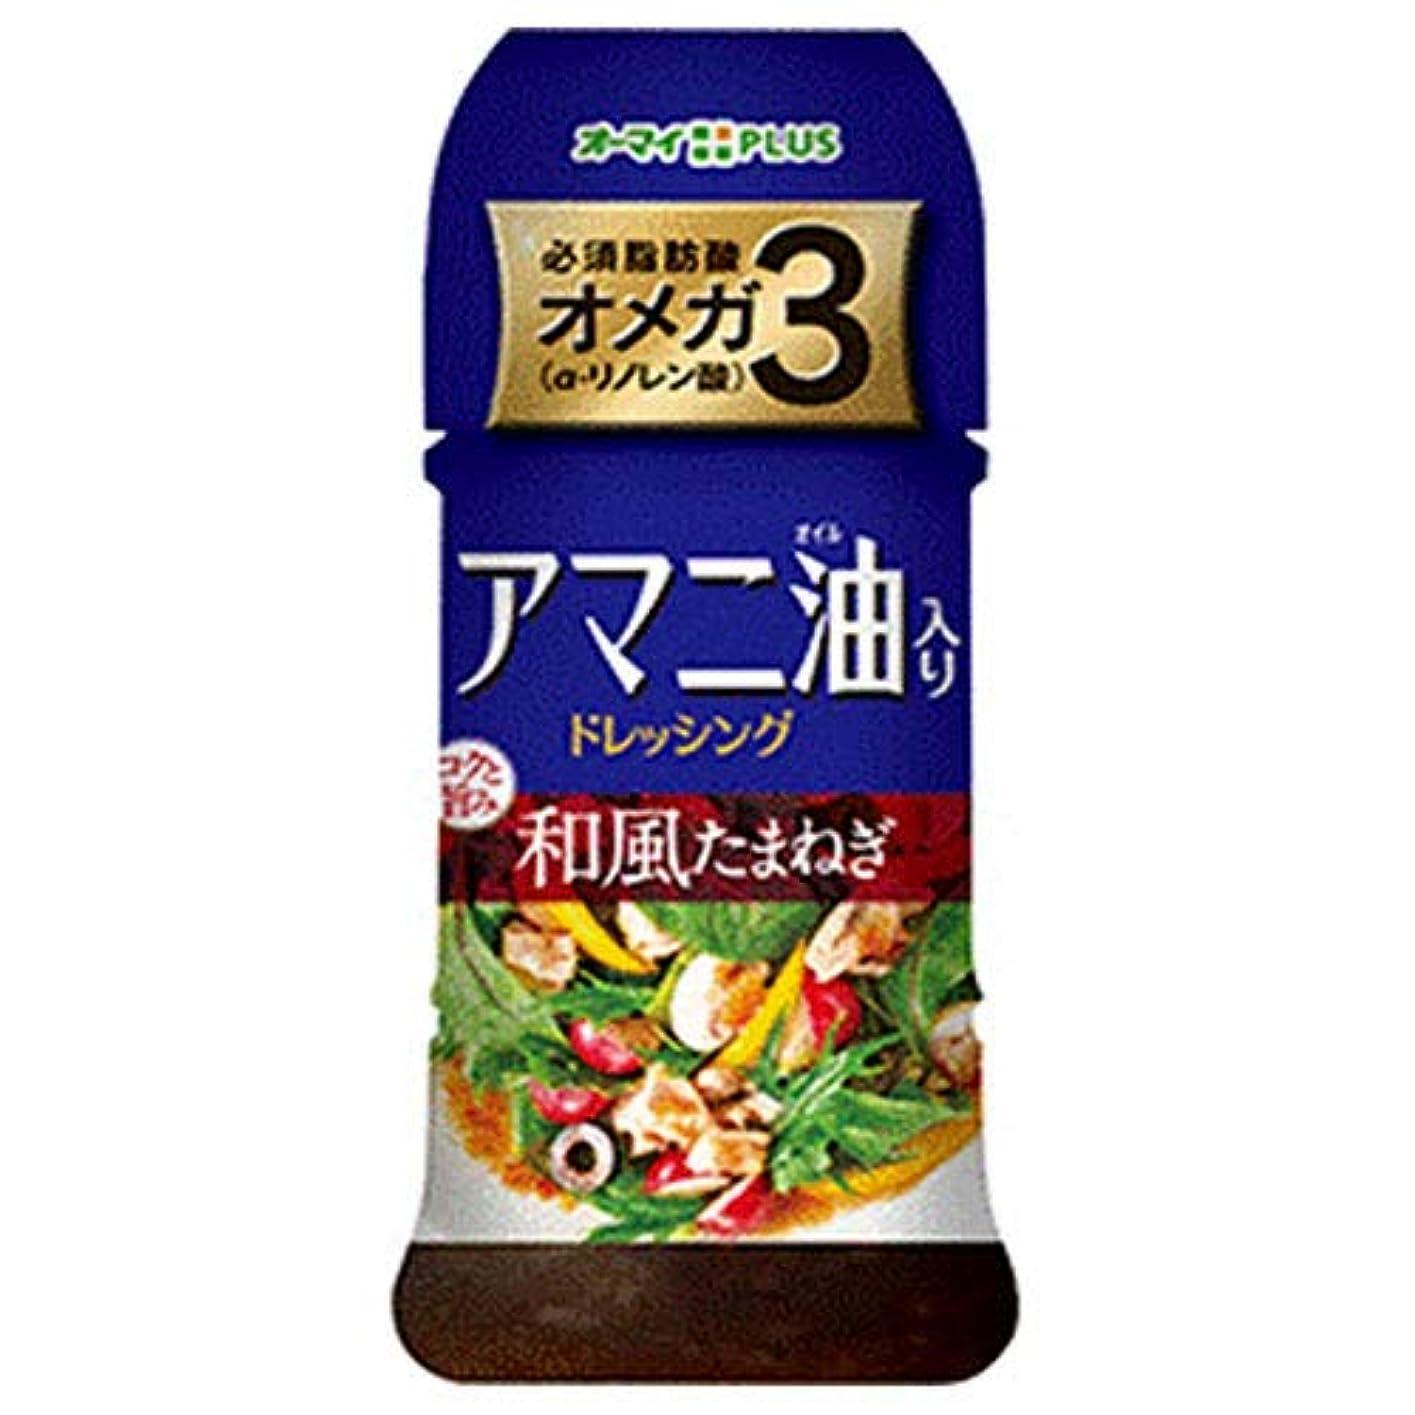 インタラクション田舎者同等の日本製粉 オーマイプラス アマニ油入りドレッシング 和風たまねぎ 150ml×12本入×(2ケース)